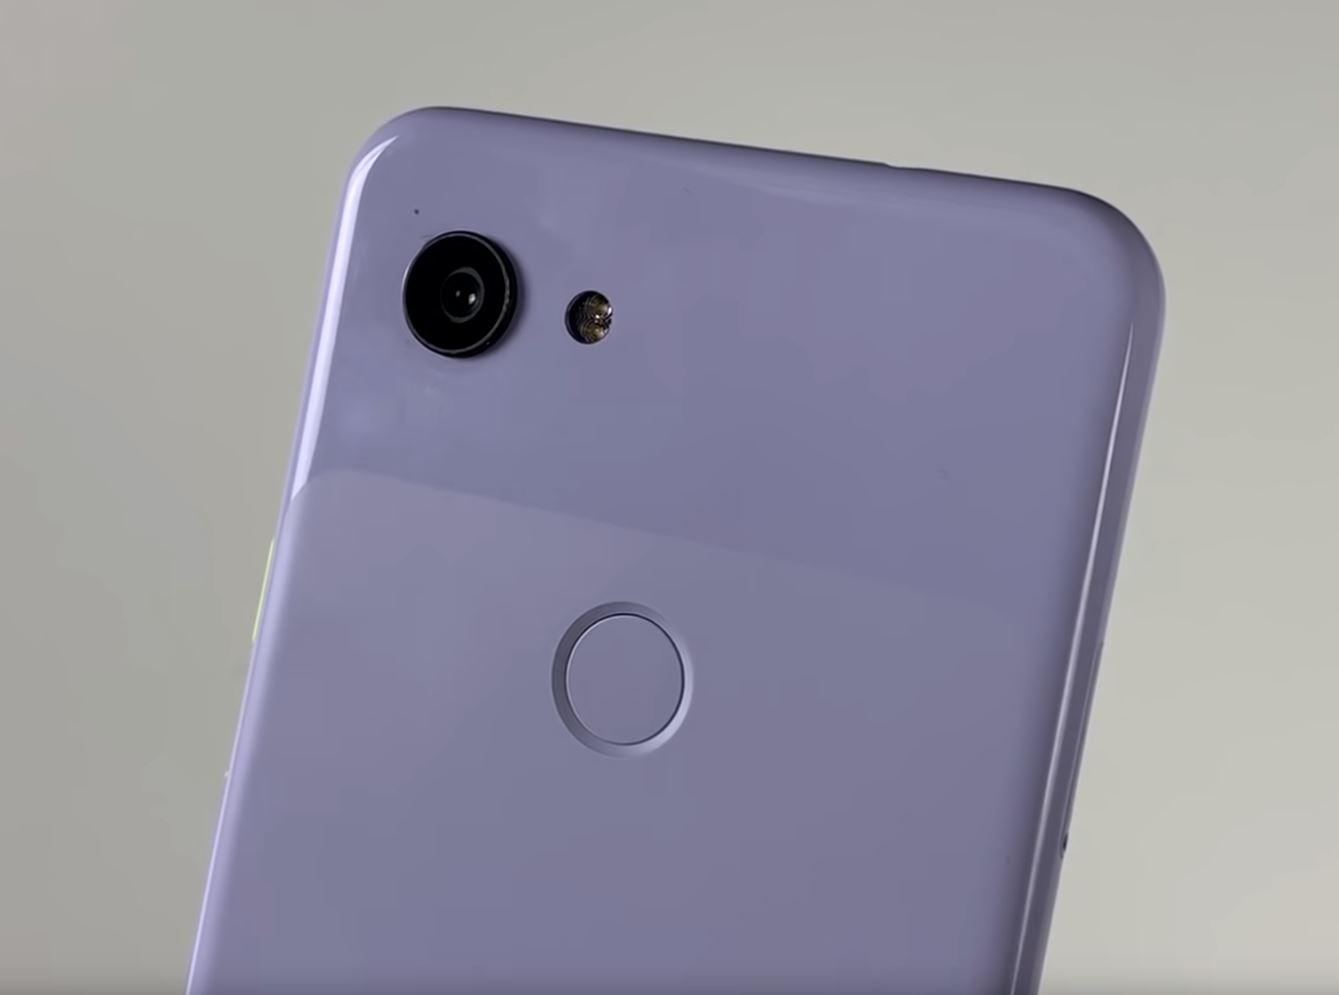 Google Pixel 3a und Pixel 3a XL scheinen bestätigt